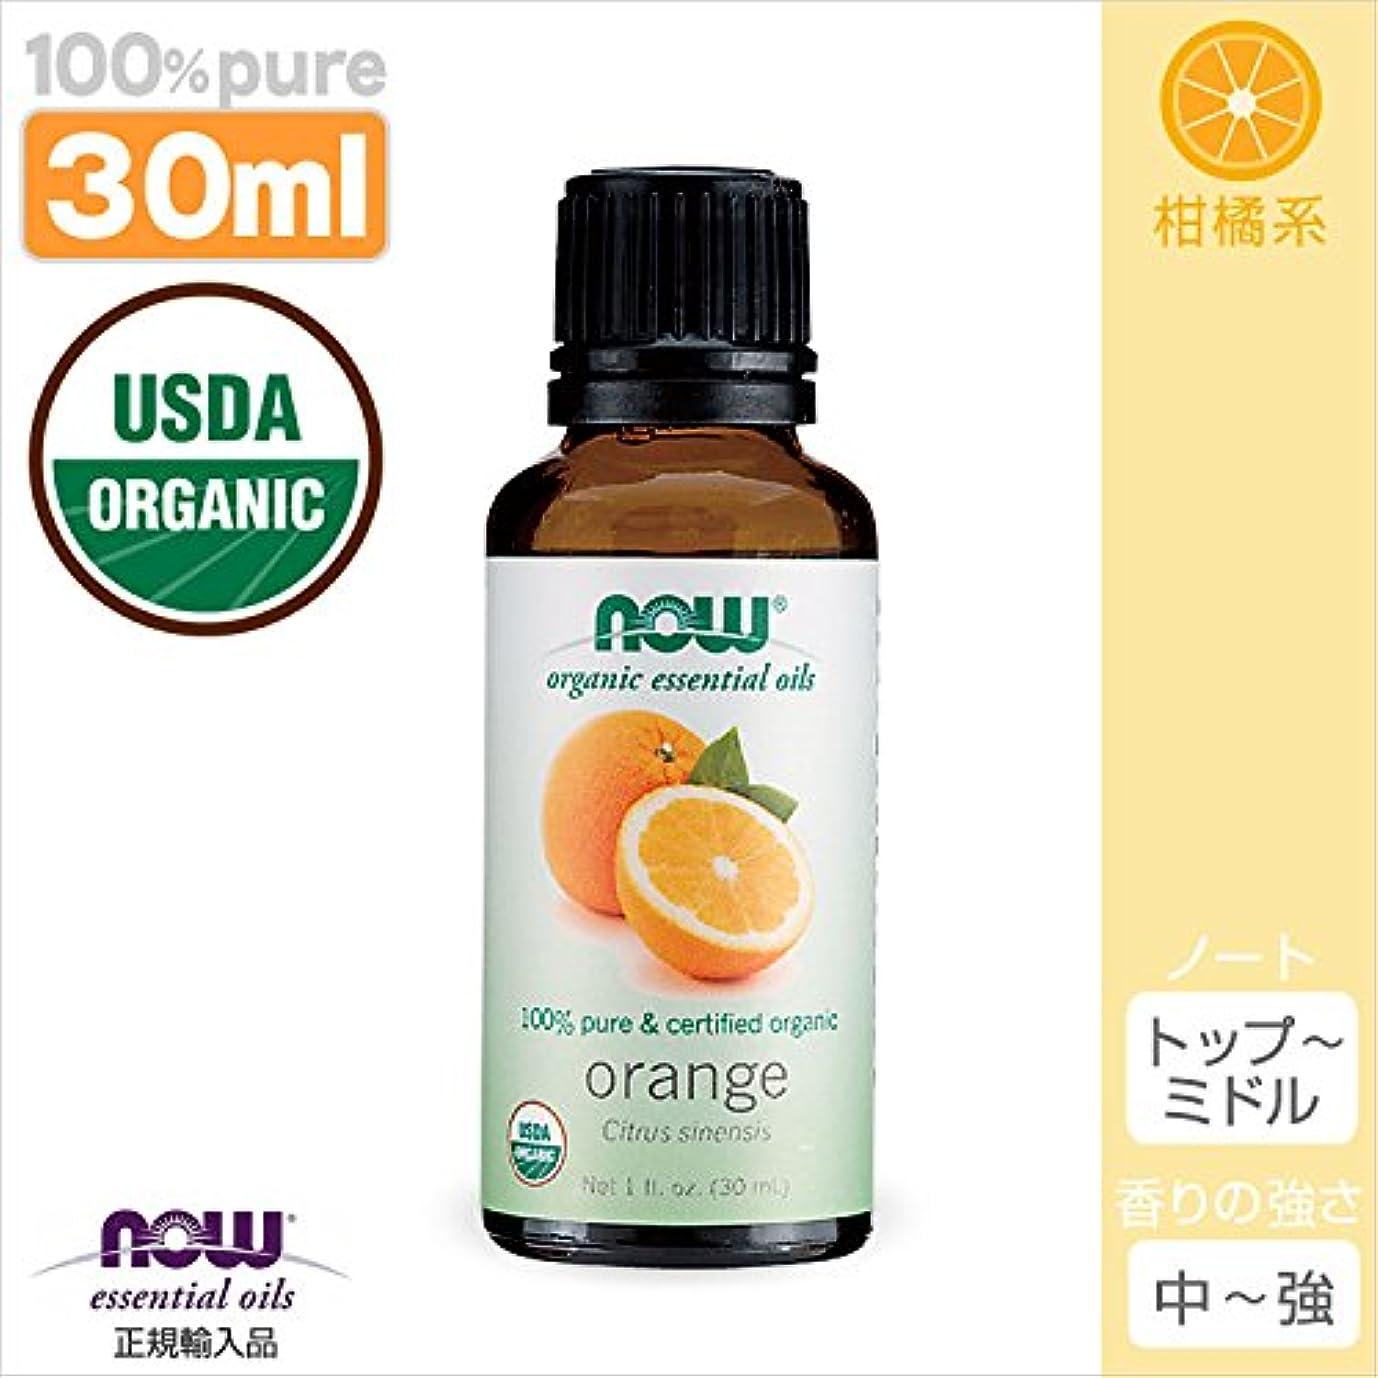 分割時系列王女オレンジ精油オーガニック[30ml] 【正規輸入品】 NOWエッセンシャルオイル(アロマオイル)